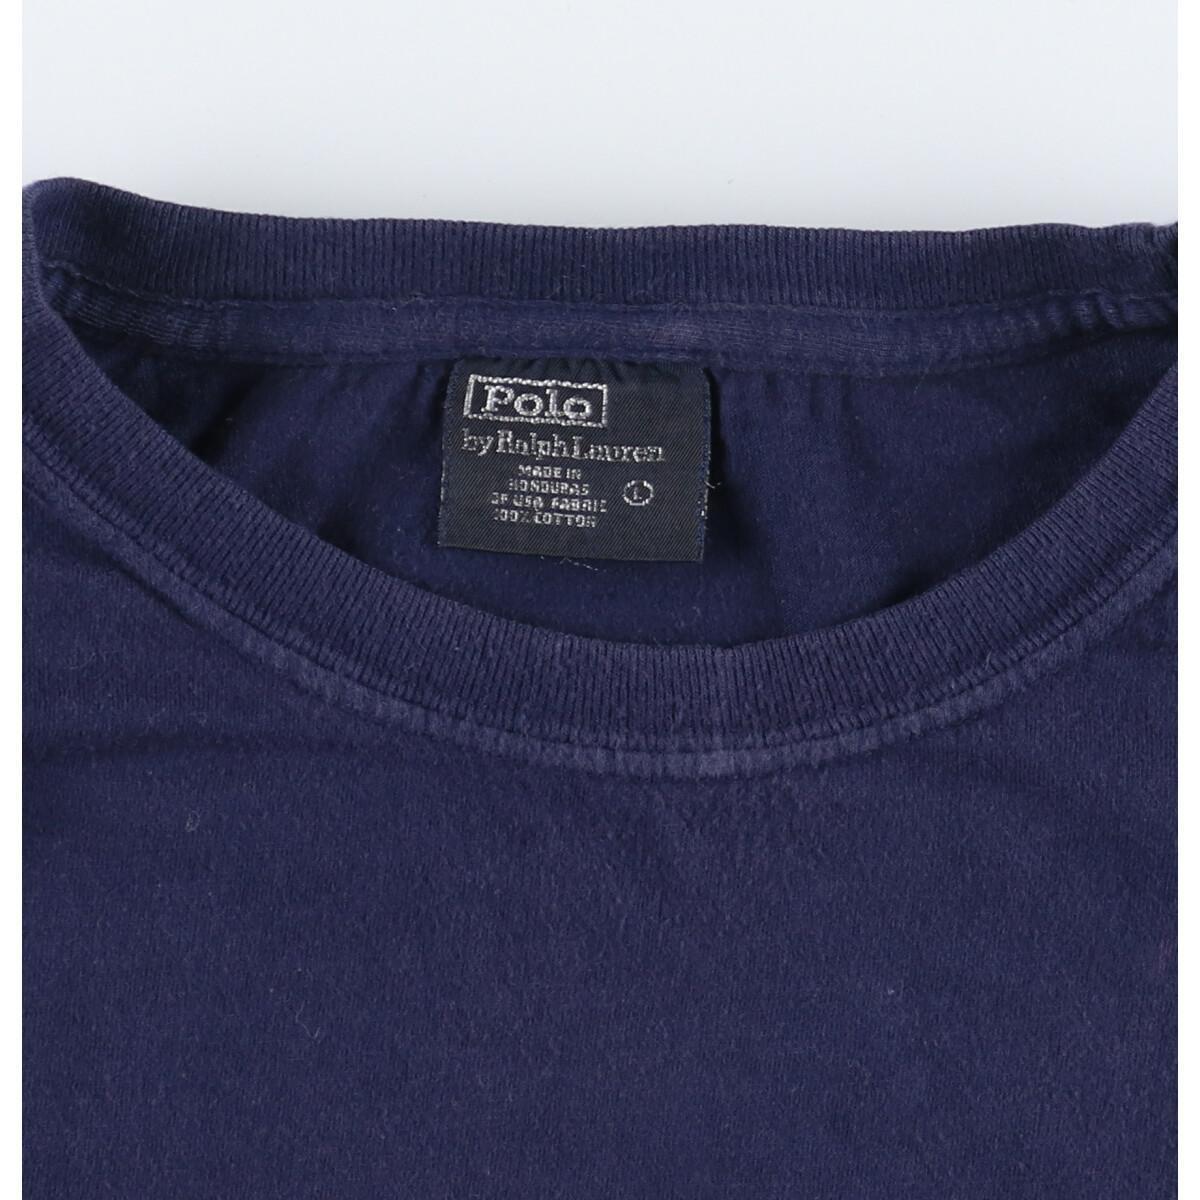 ラルフローレン Ralph Lauren POLO by Ralph Lauren 半袖 ワンポイントロゴTシャツ メンズXL /eaa159742_画像3